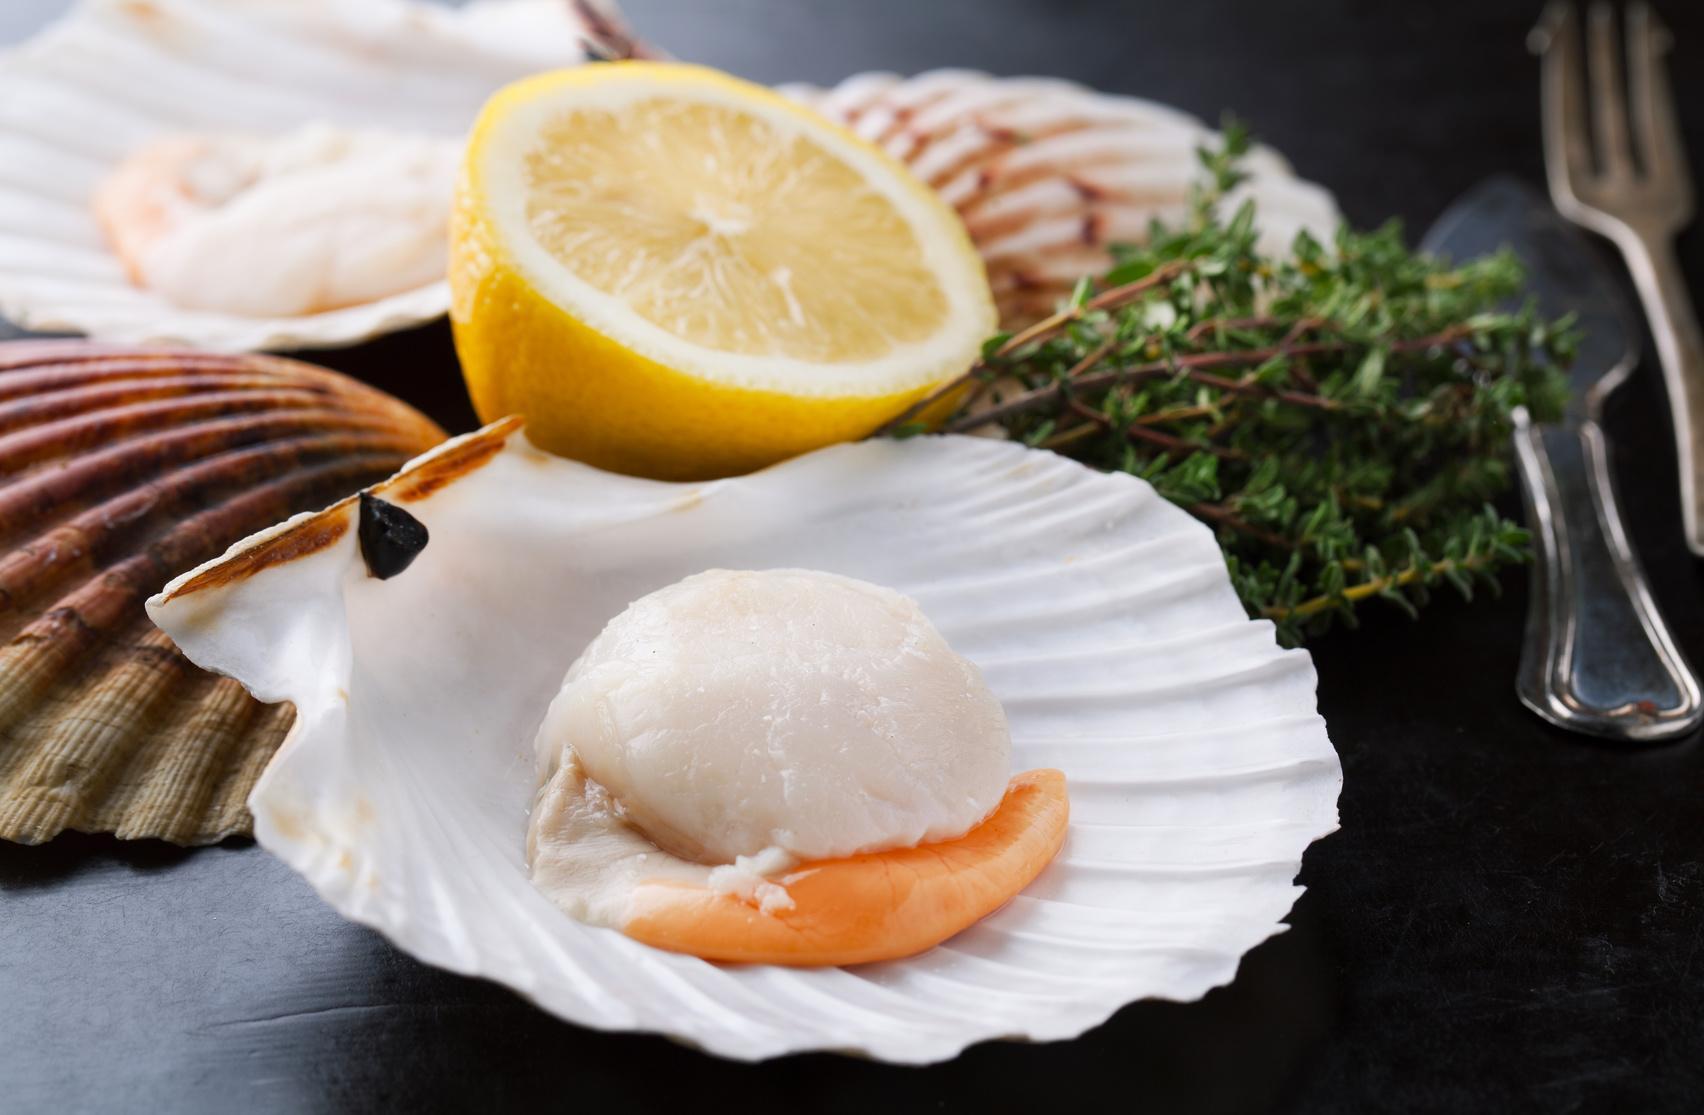 Recettes coquille saint jacques cuisine madame figaro - Coquille saint jacques maison ...